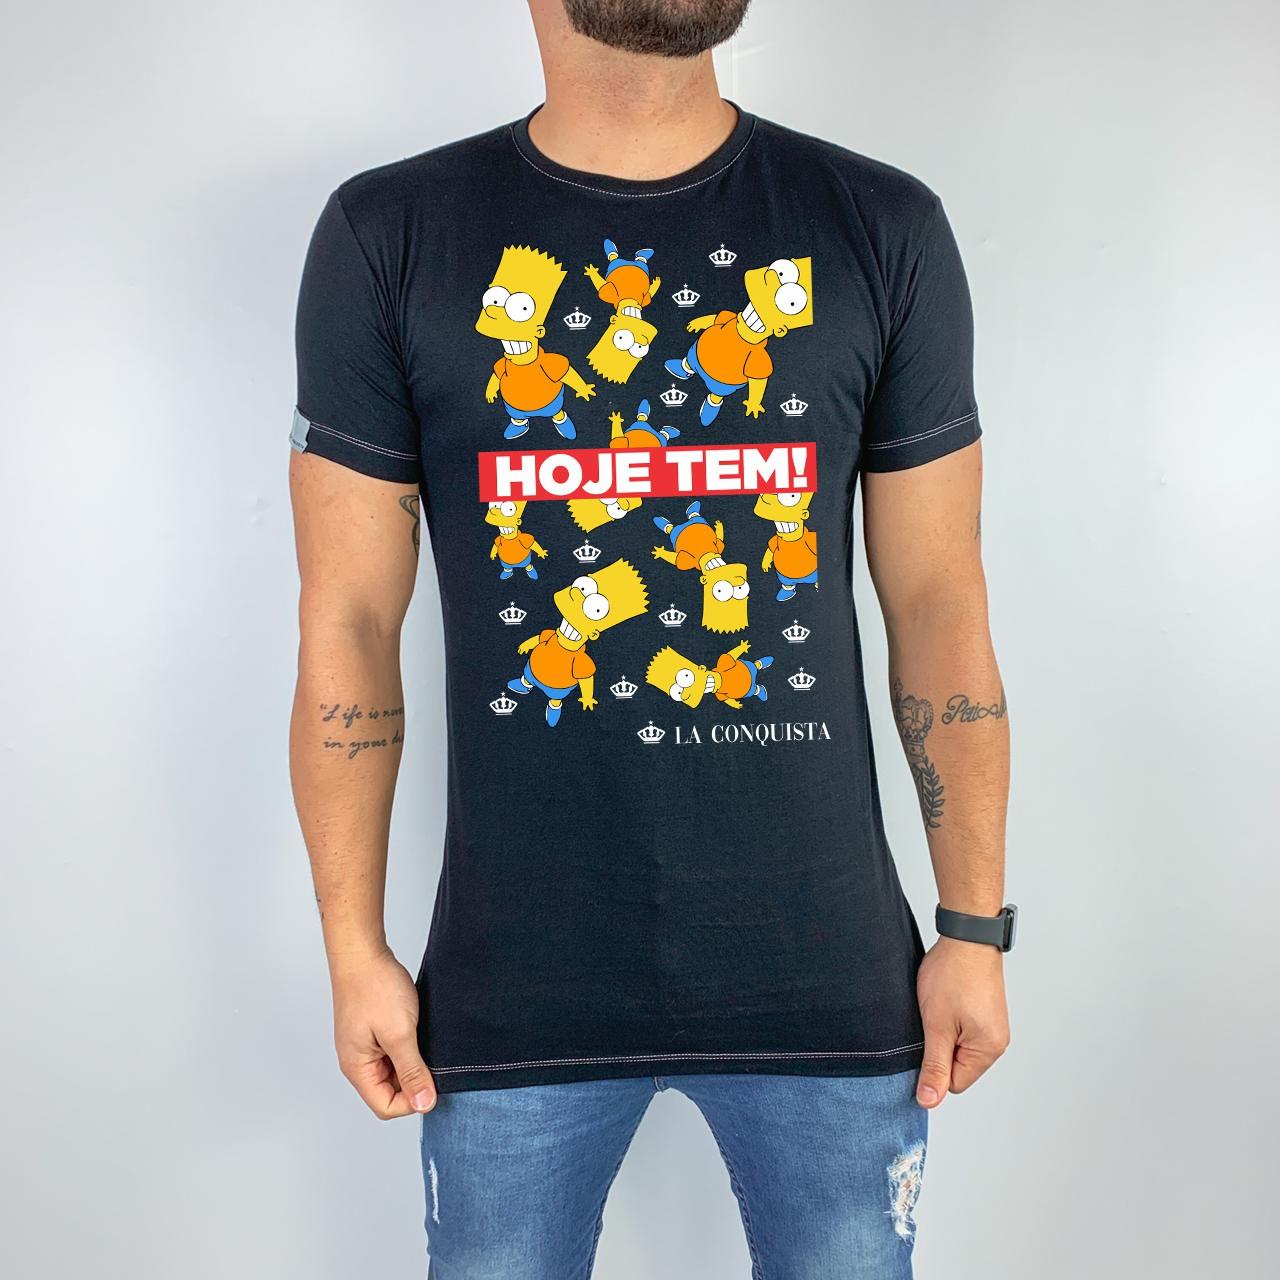 Camiseta Hoje tem (WS)